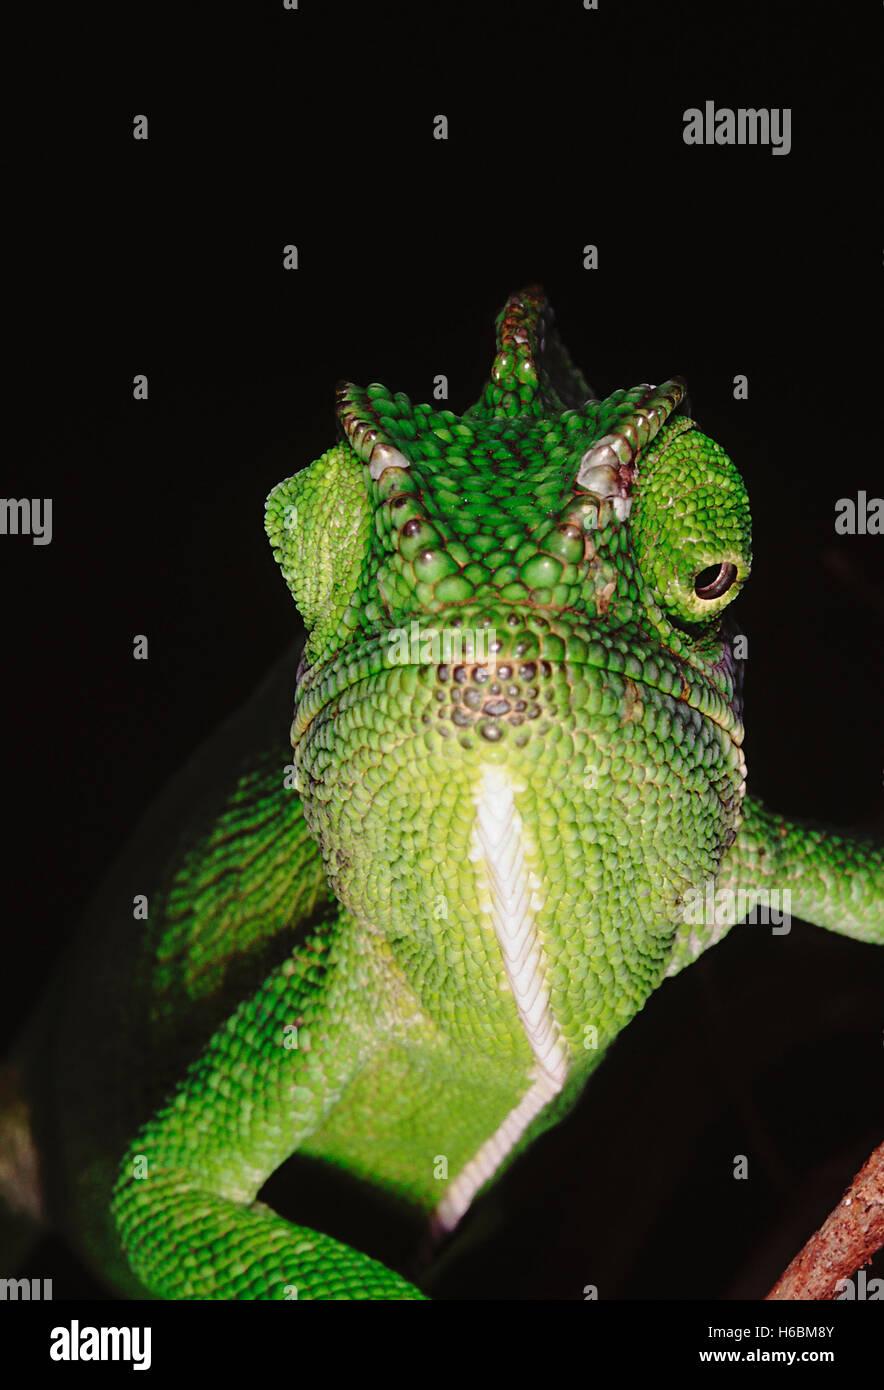 El camaleón tiene la capacidad de cambiar su color, así como sombra dependiendo de su humor y sus alrededores. Imagen De Stock